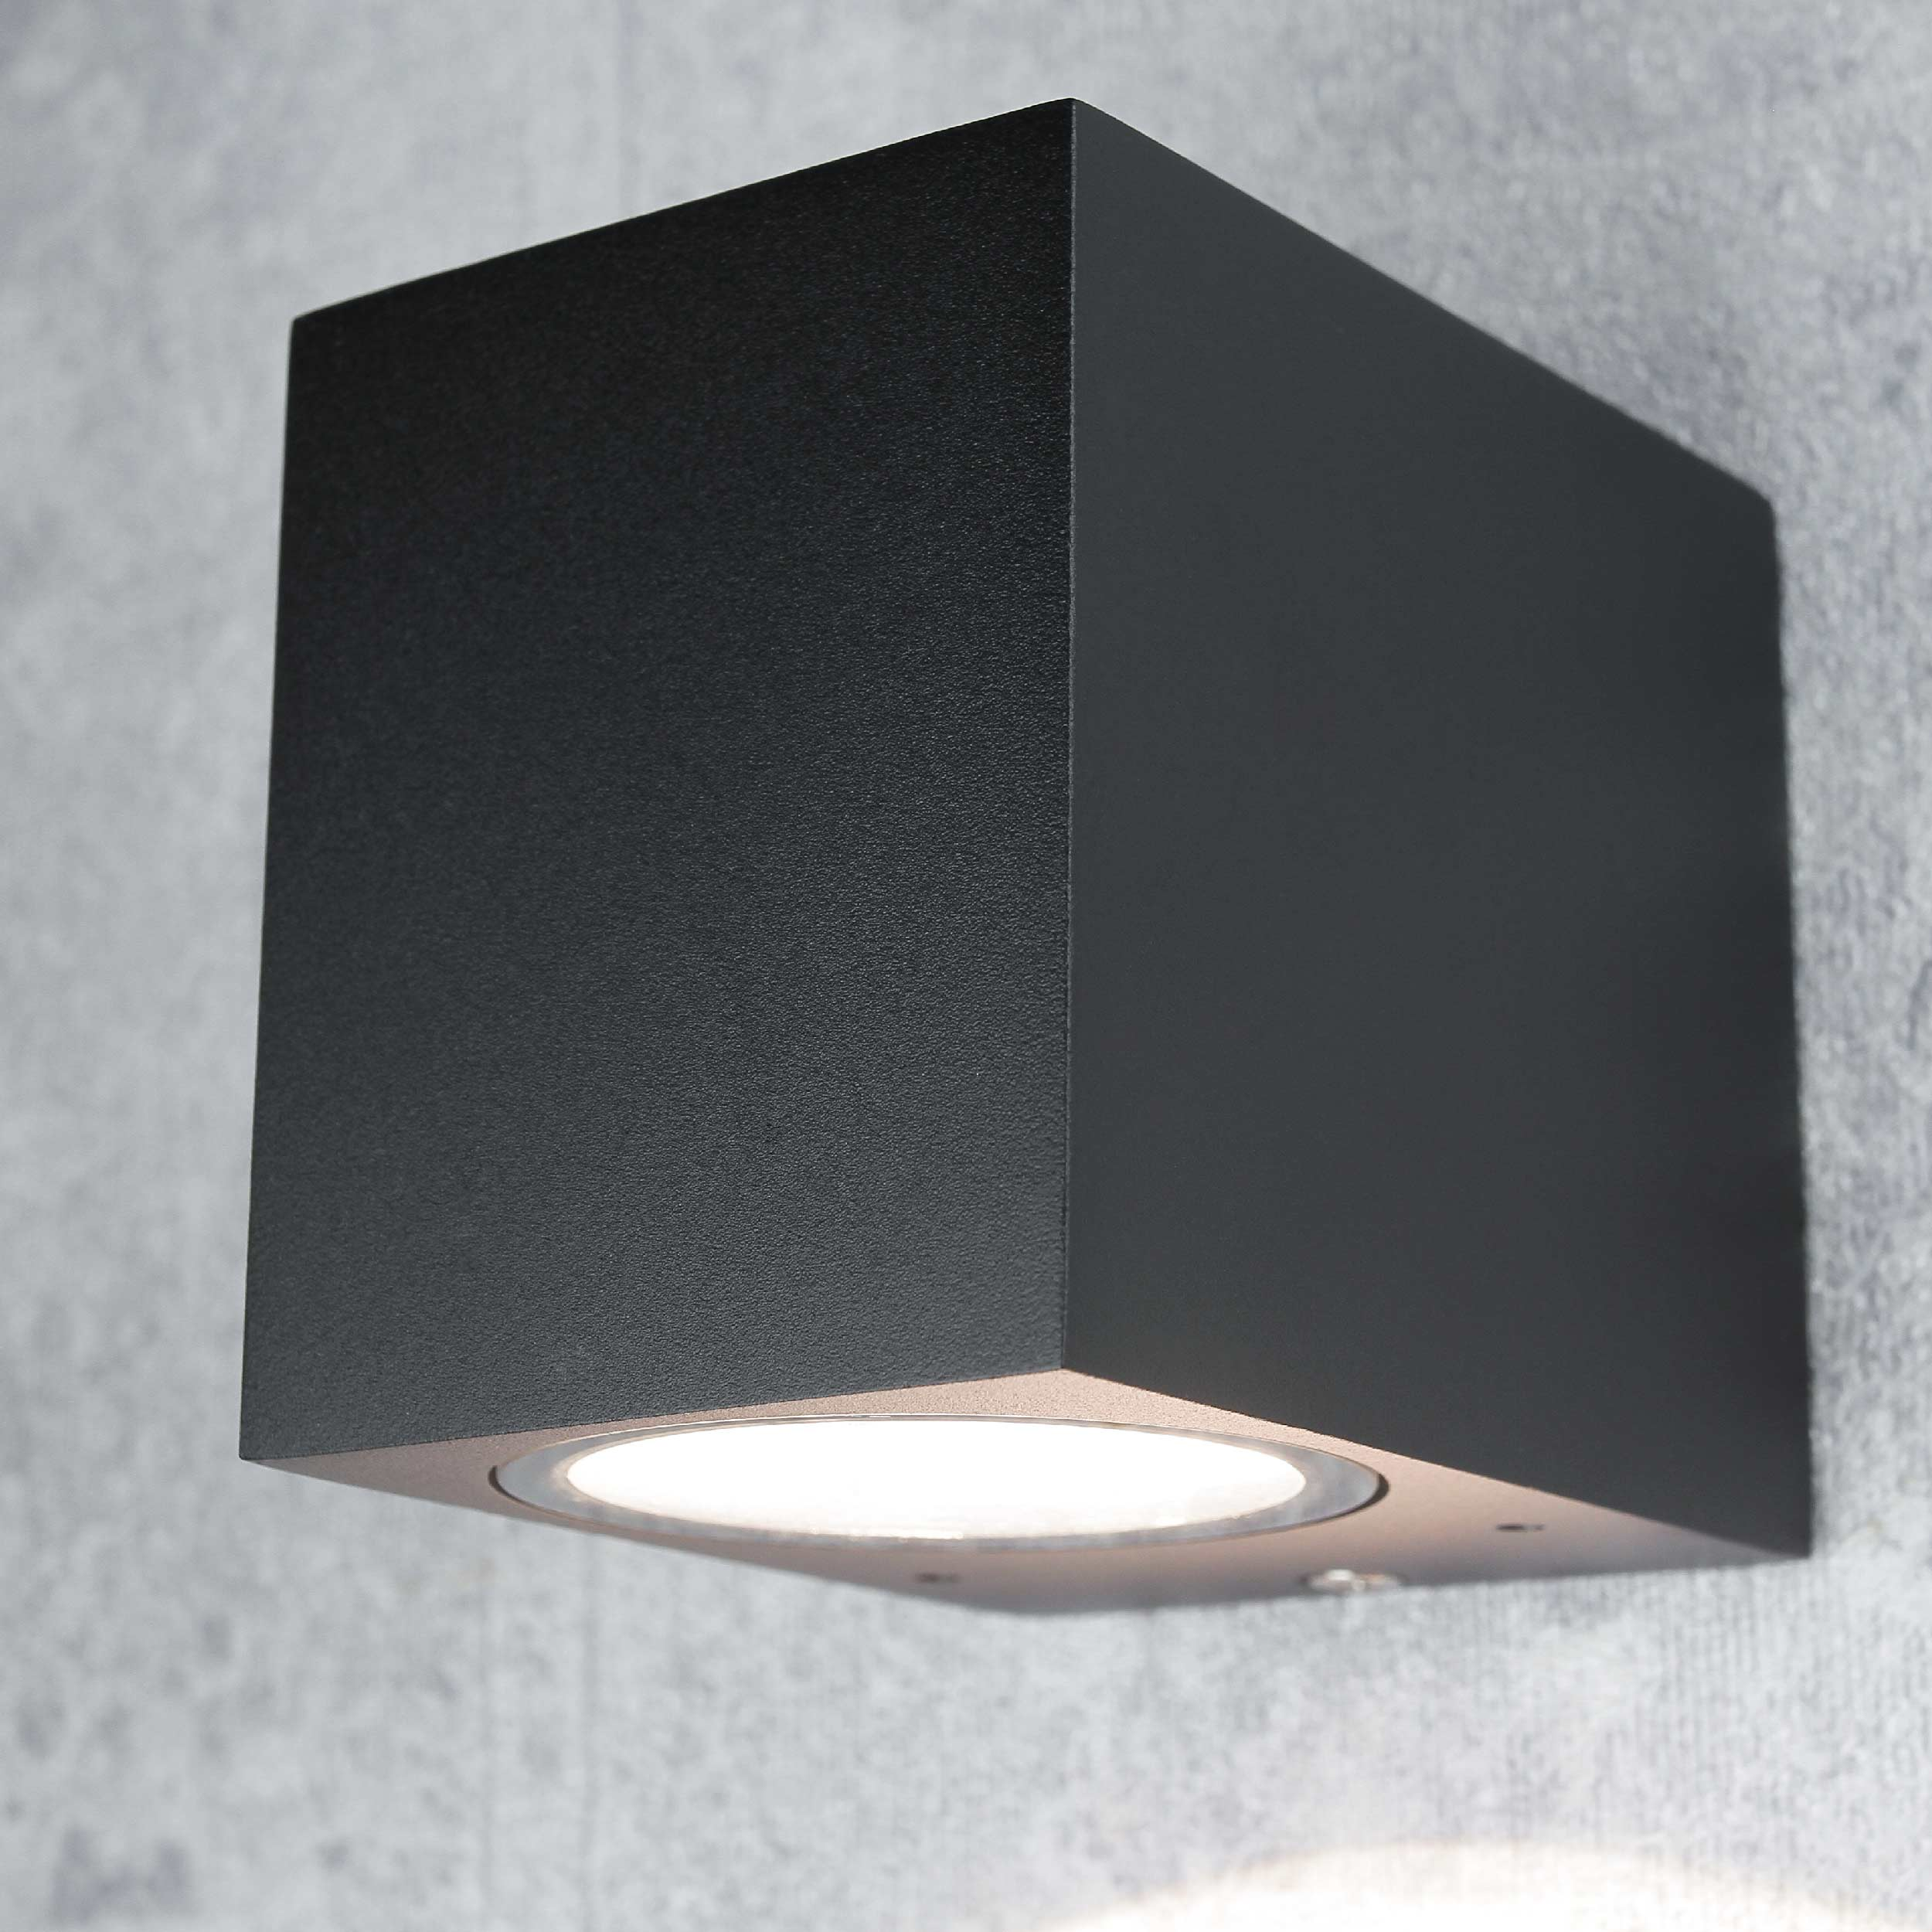 AALBORG Wandlampe für außen Spot Strahler Schwarz